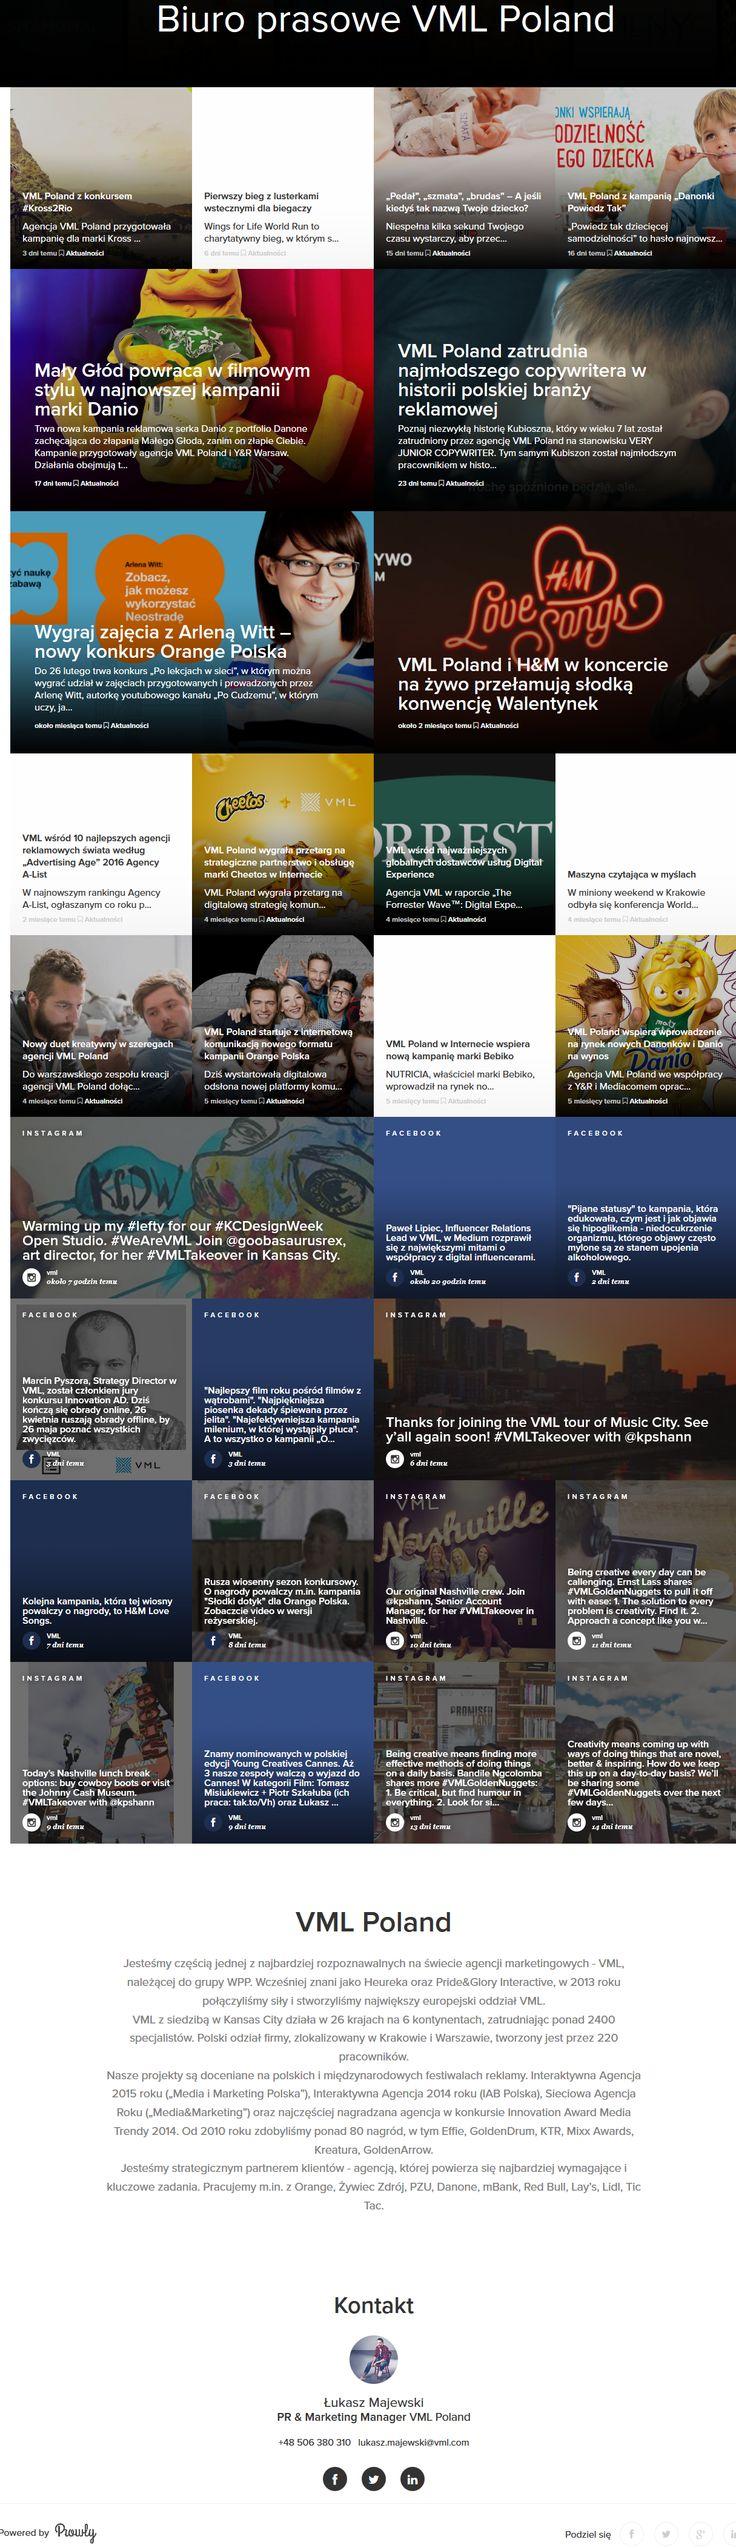 Przykład modułu prasowego dla agencji reklamowej. Publikacja artykułów dotyczących ostatnich realizacji i działań podejmowanych przez pracowników wzbogaconych ruchomymi grafikami. Możliwość udostępnienia artykułów w social media.